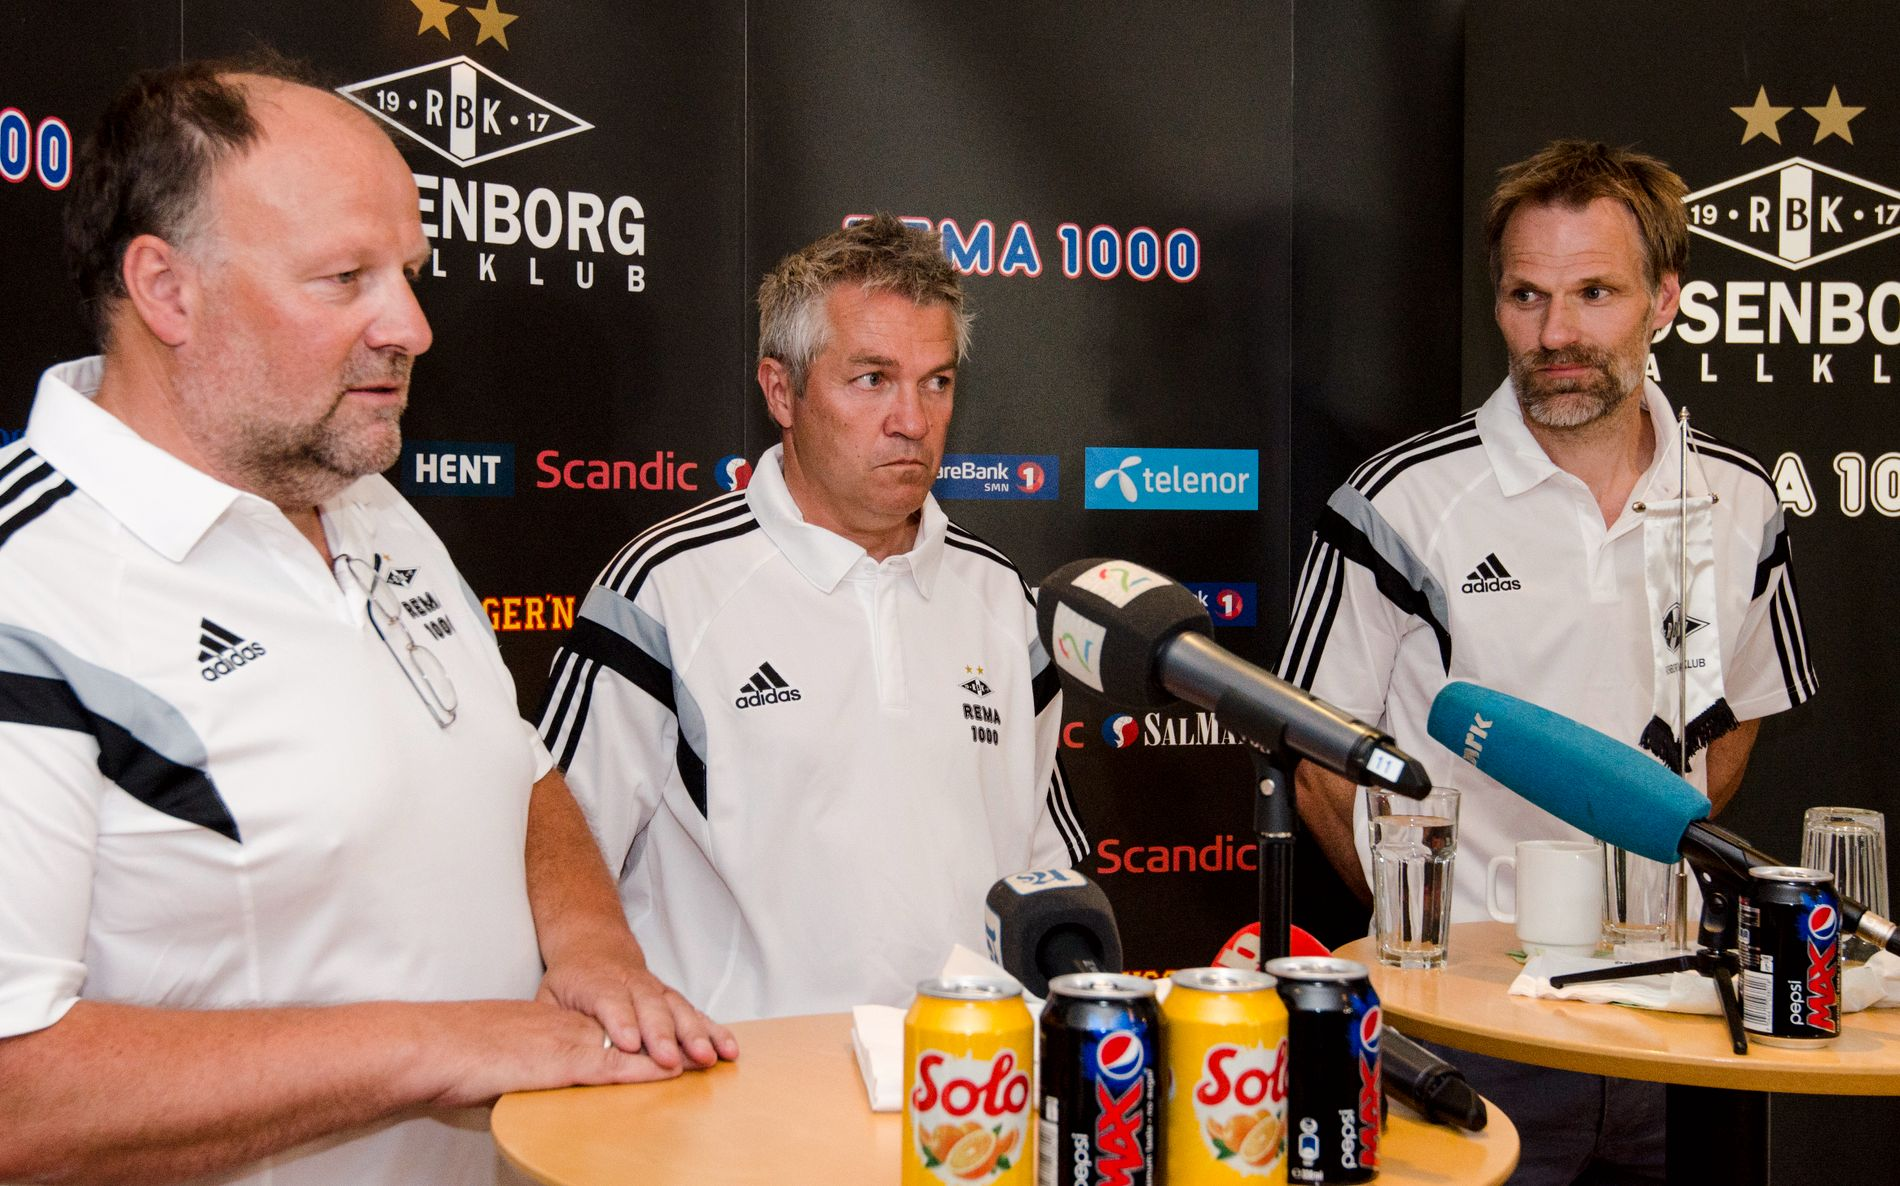 KONFLIKT: Fra venstre: Styreleder Ivar Koteng, tidligere Rosenborg-trener Kåre Ingebrigtsen og